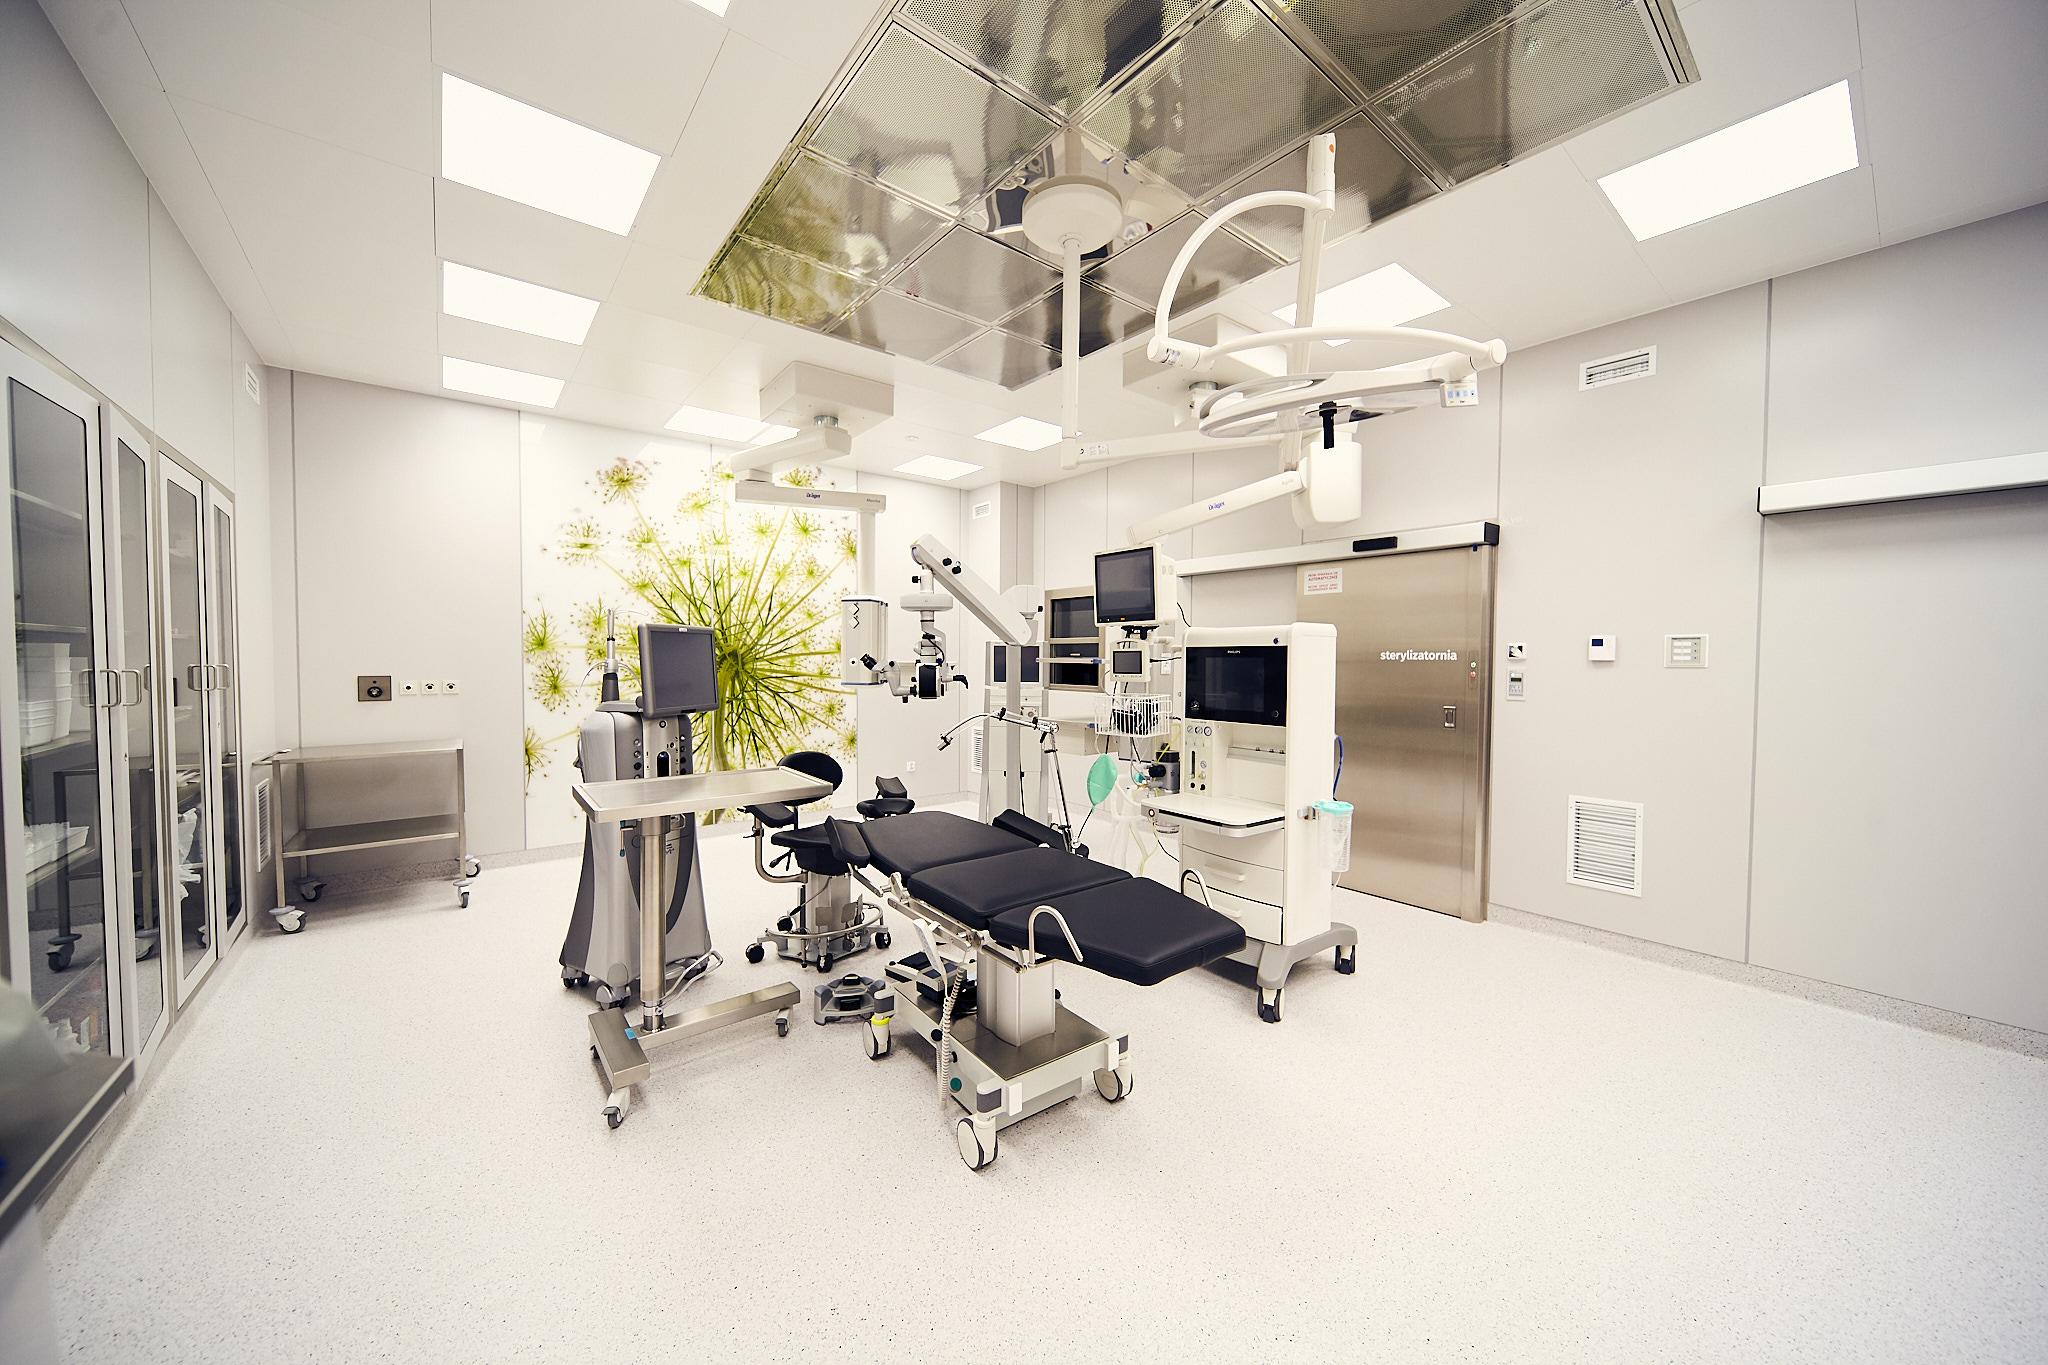 ZAĆMA - NAJKRÓTSZE TERMINY WE WROCŁAWIU - operacja na NFZ za 2 tygodnie